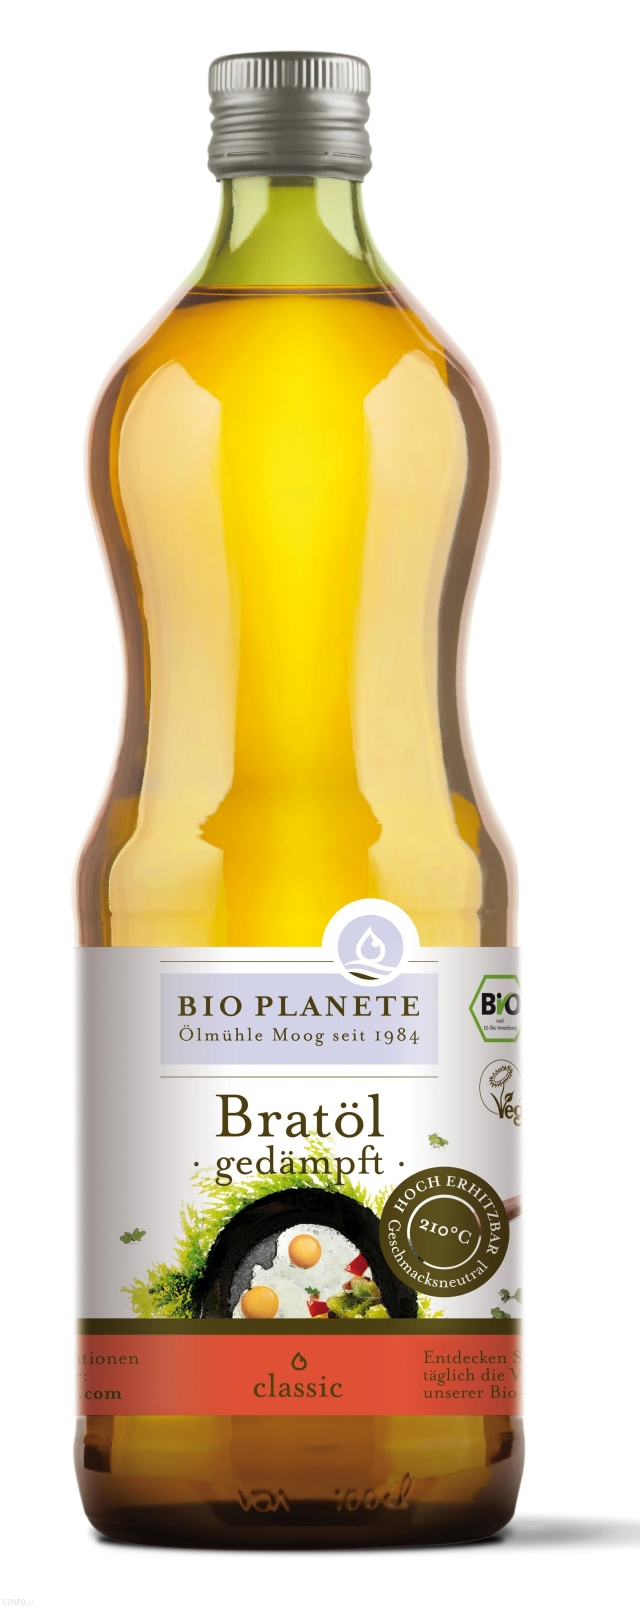 Bio Planete Ekologiczny Olej Do gotowania i smażenia